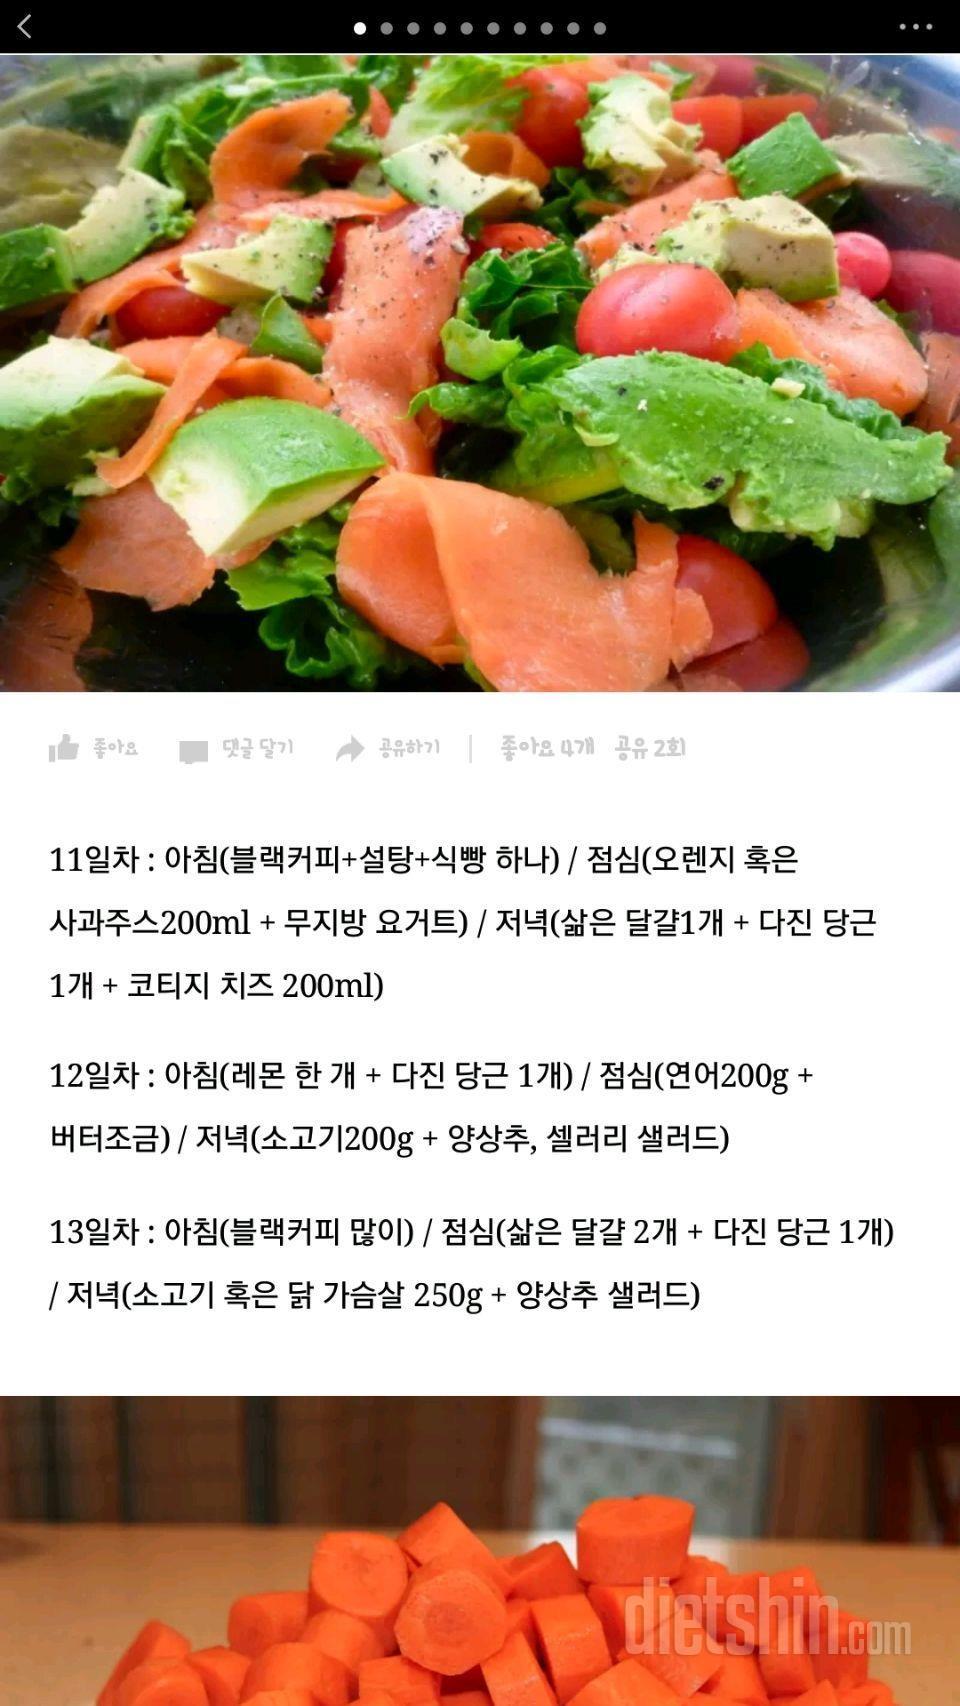 13일 다이어트 최대 20키로 감량, 식단조절!